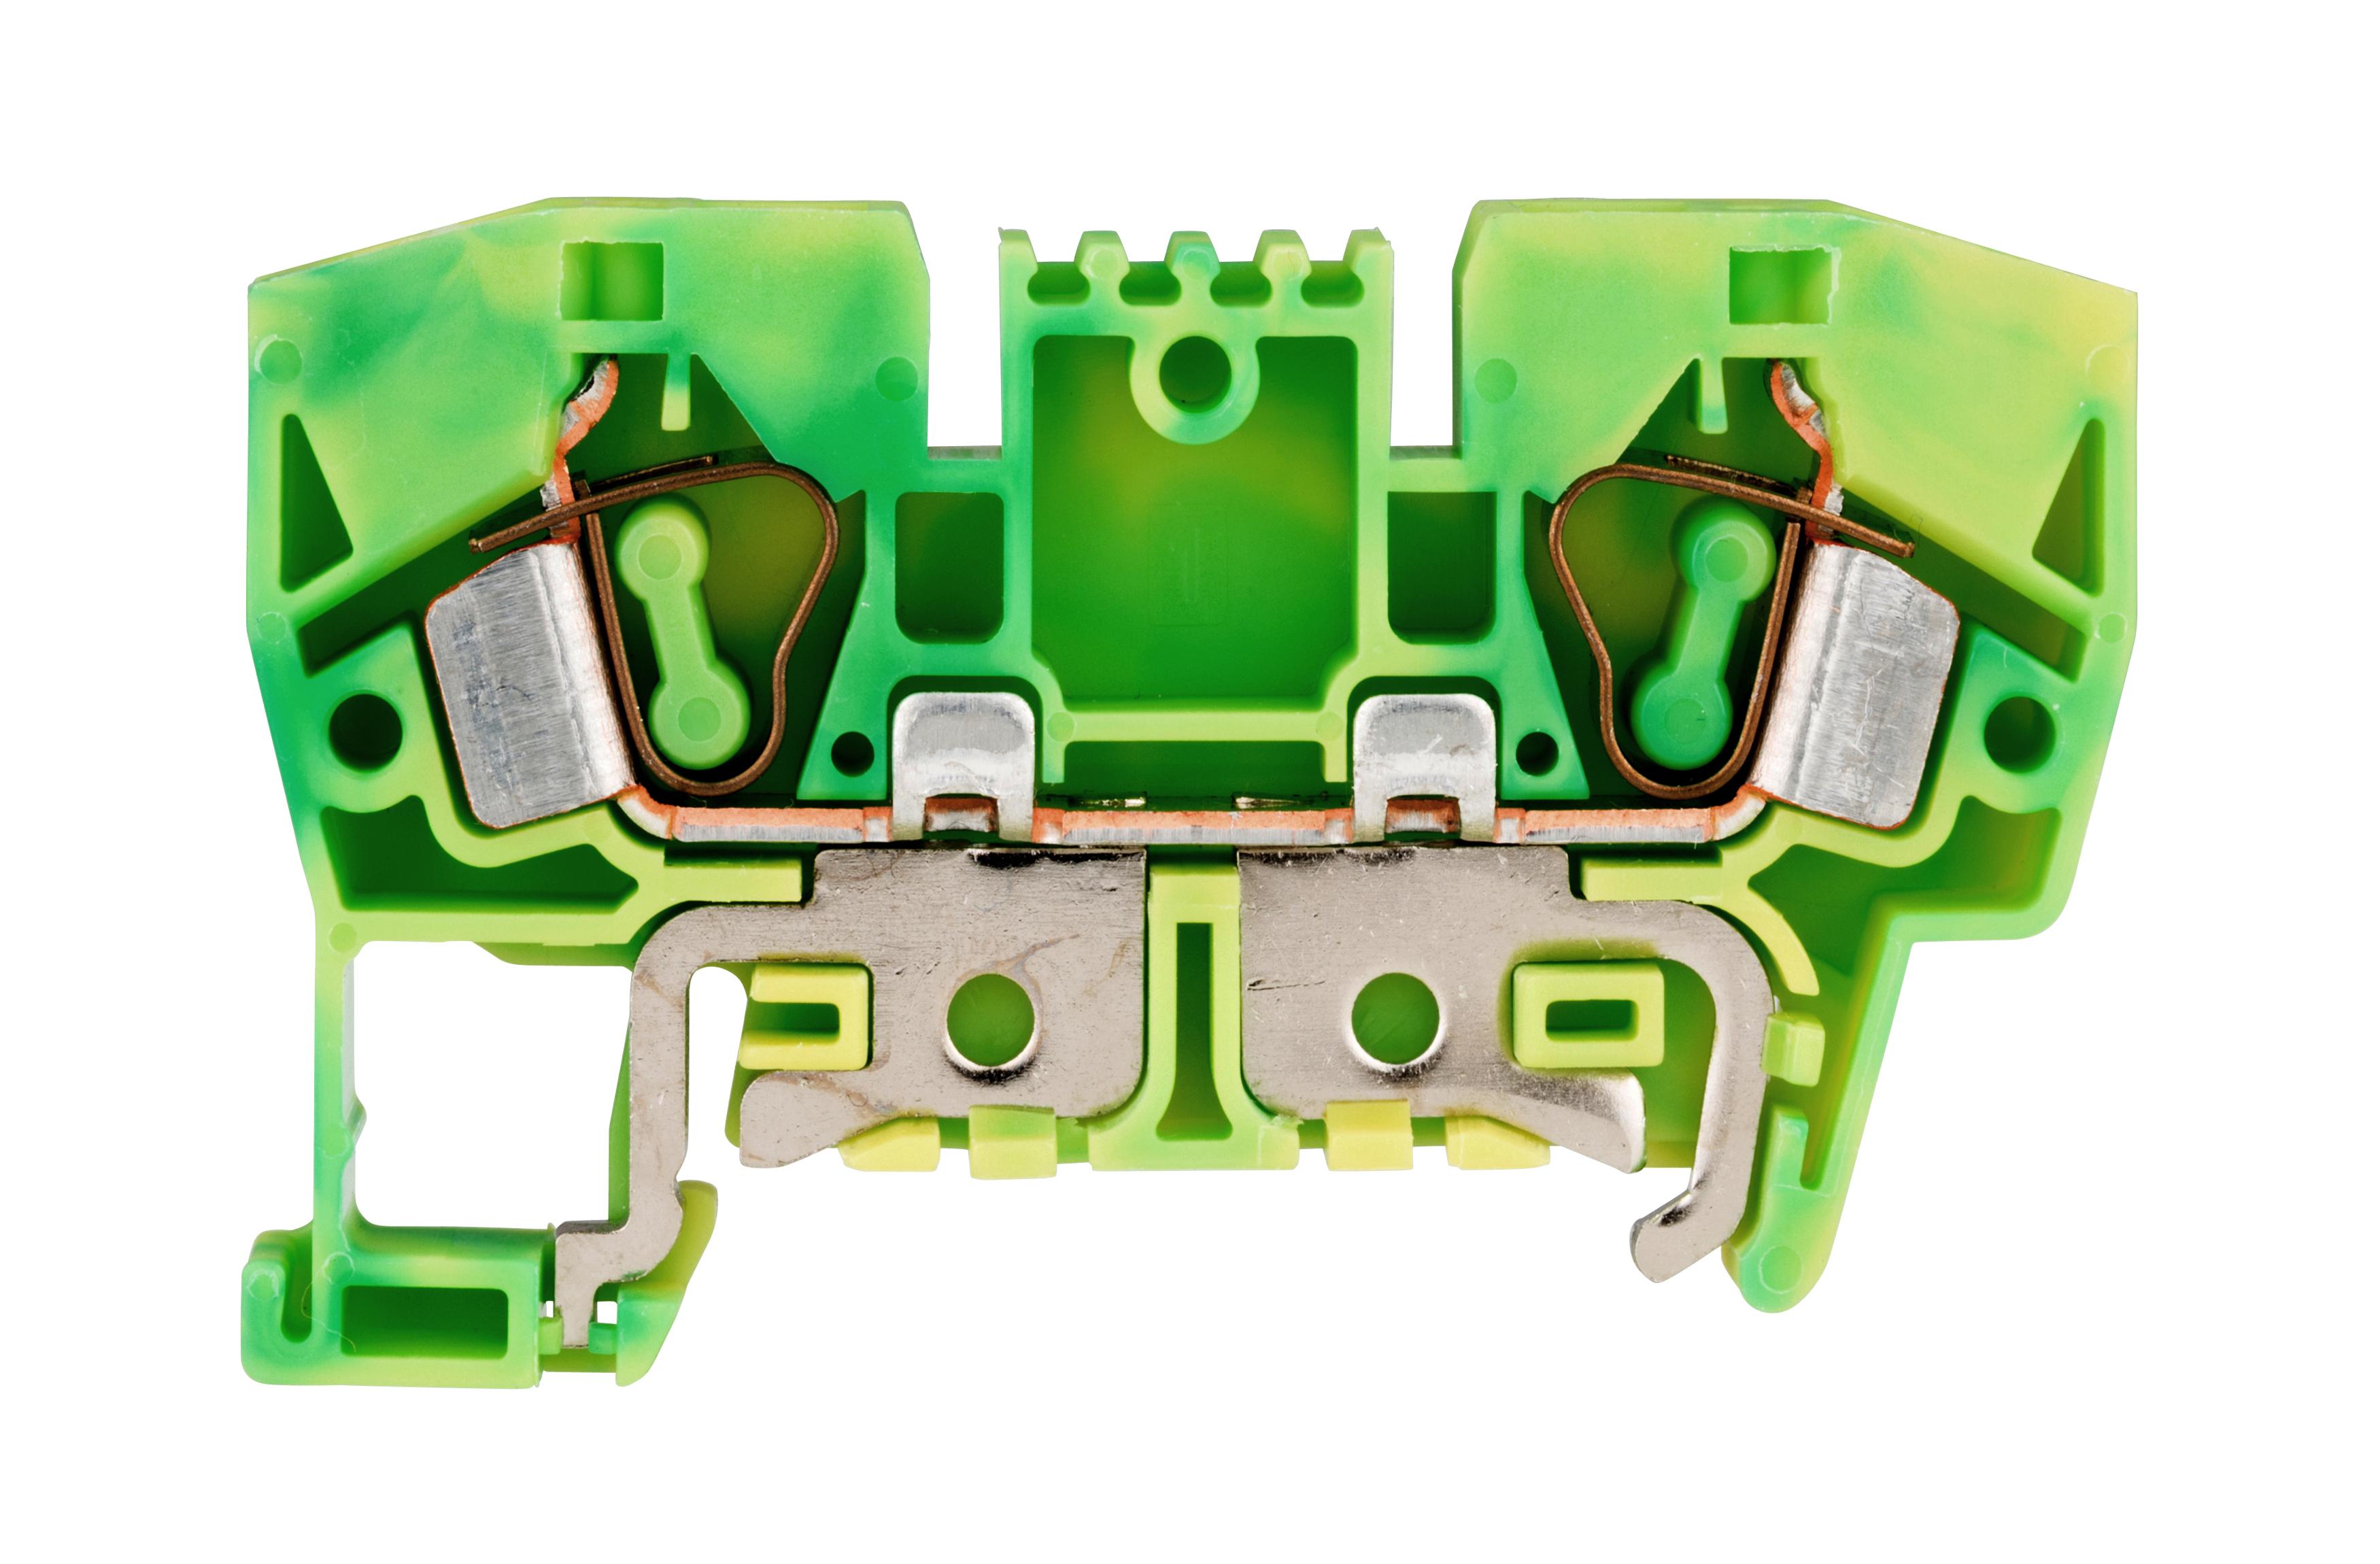 1 Stk Schutzleiter-Federkraftklemme 6mm², Type YBK6T gelb-grün IK632006--